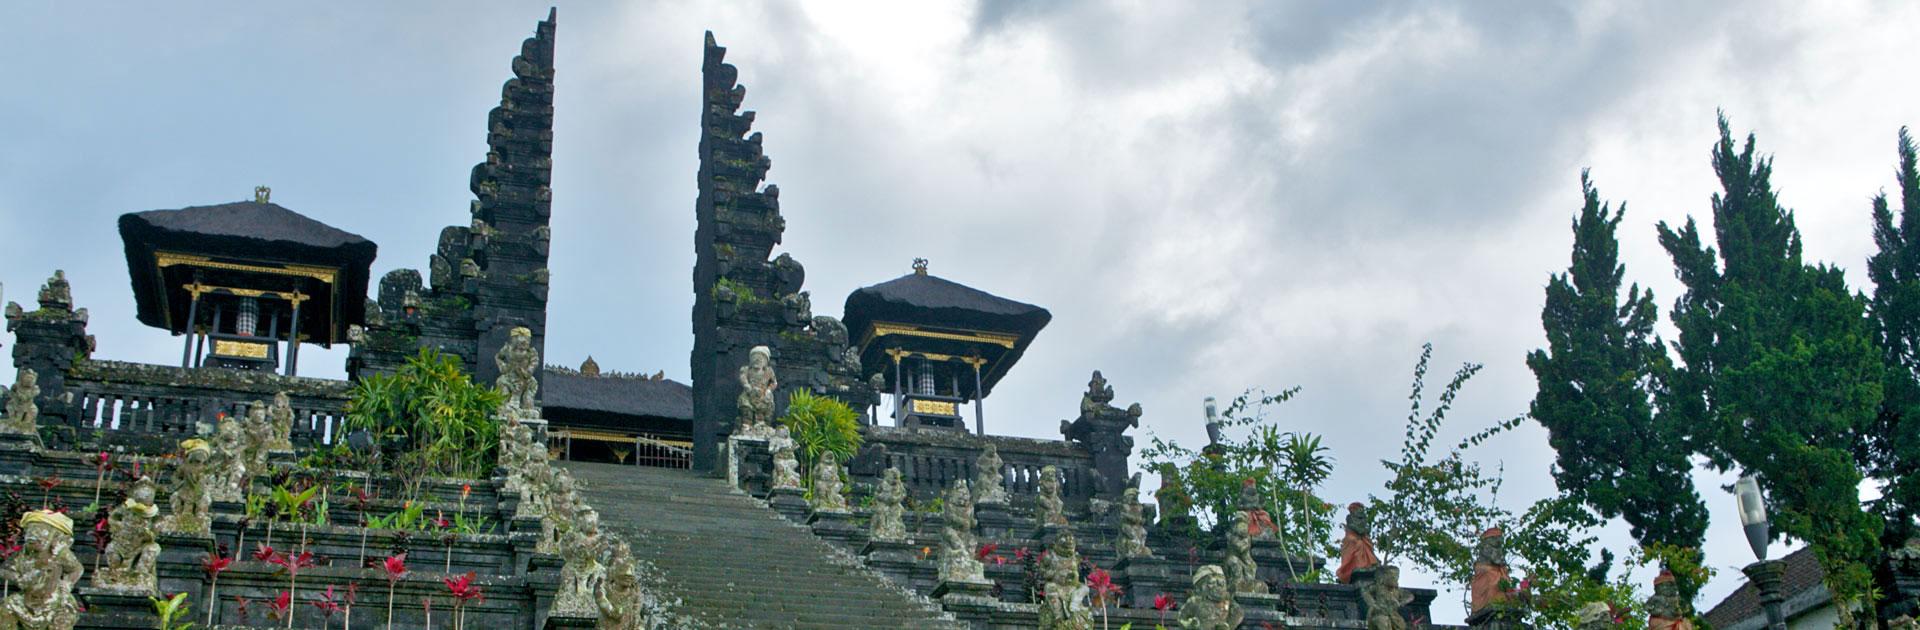 ID Karimunjawa entre Borneo y Java 16 días 3